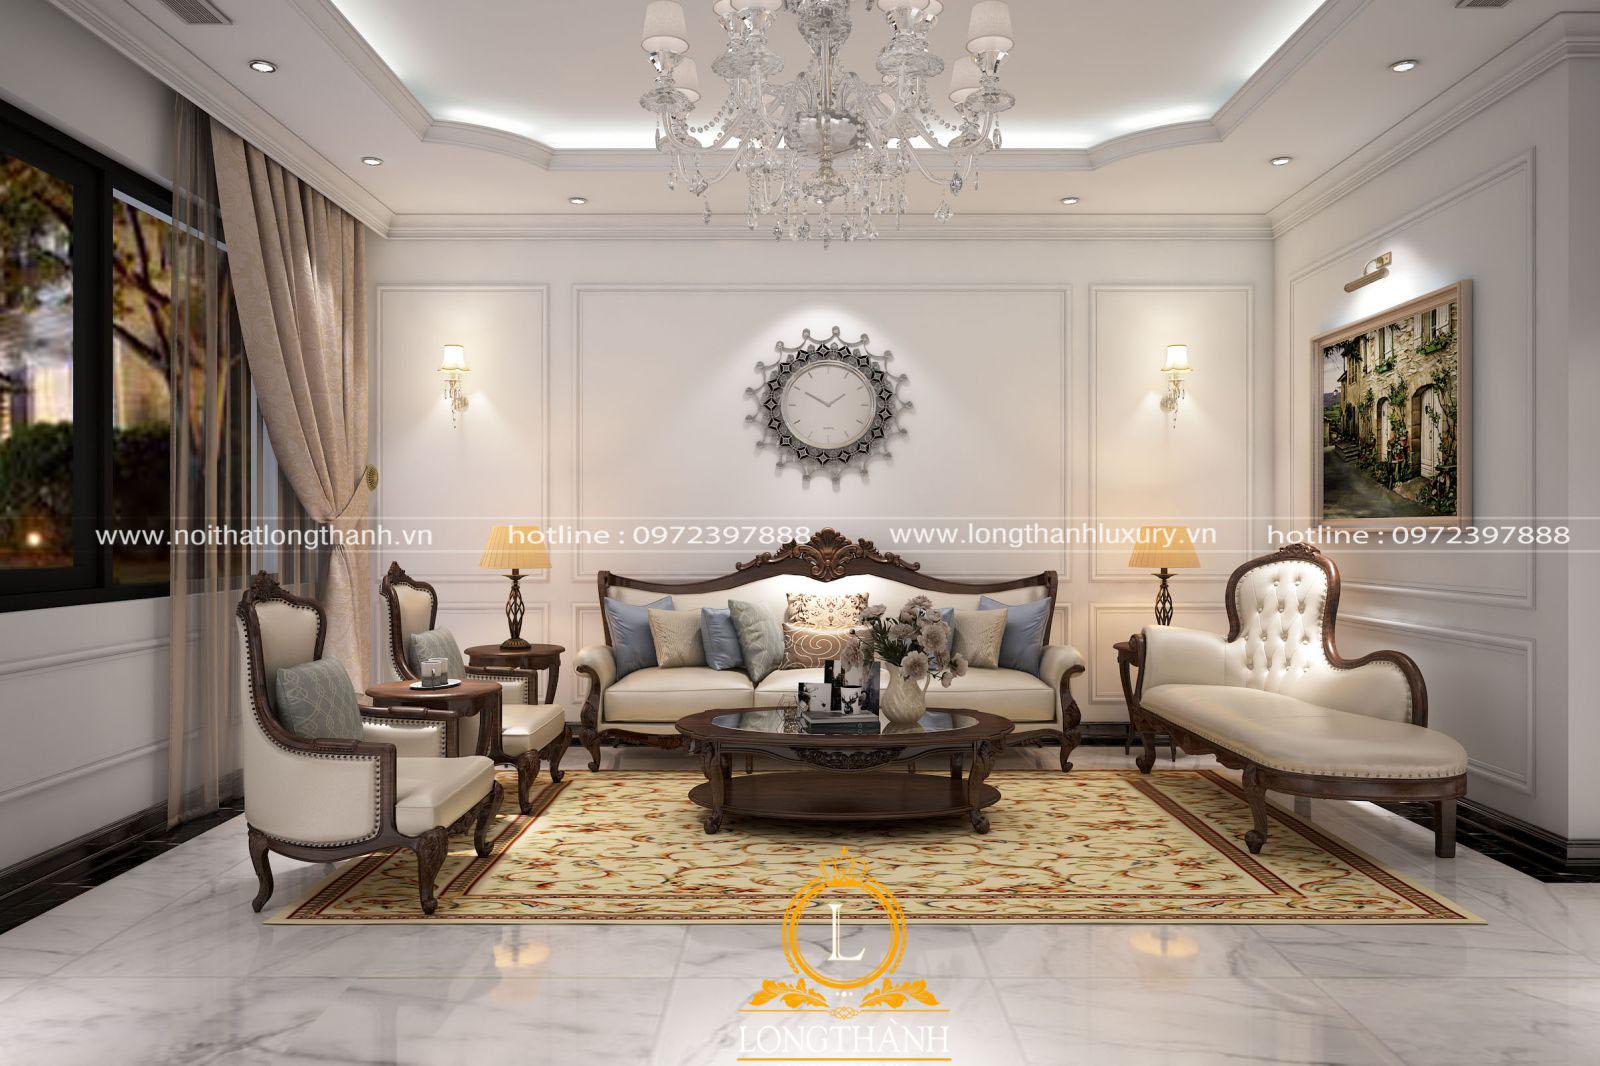 Bộ Sofa tân cổ điển làm cho căn phòng khách thêm sang trọng